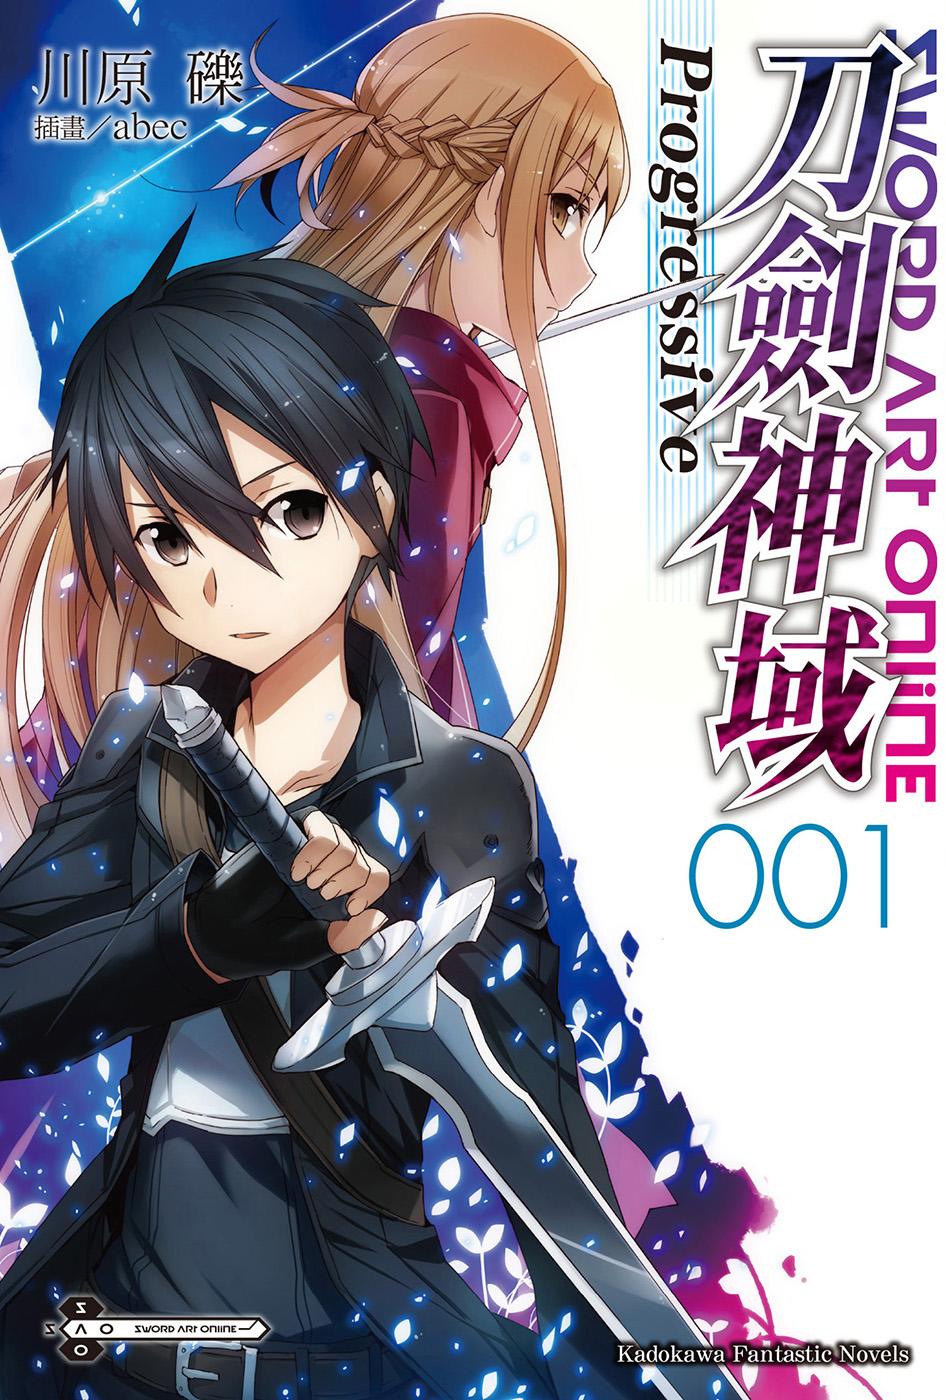 【轻小说】【连载中】《刀剑神域 Progressive 》1-6卷 EPUB 百度网盘下载